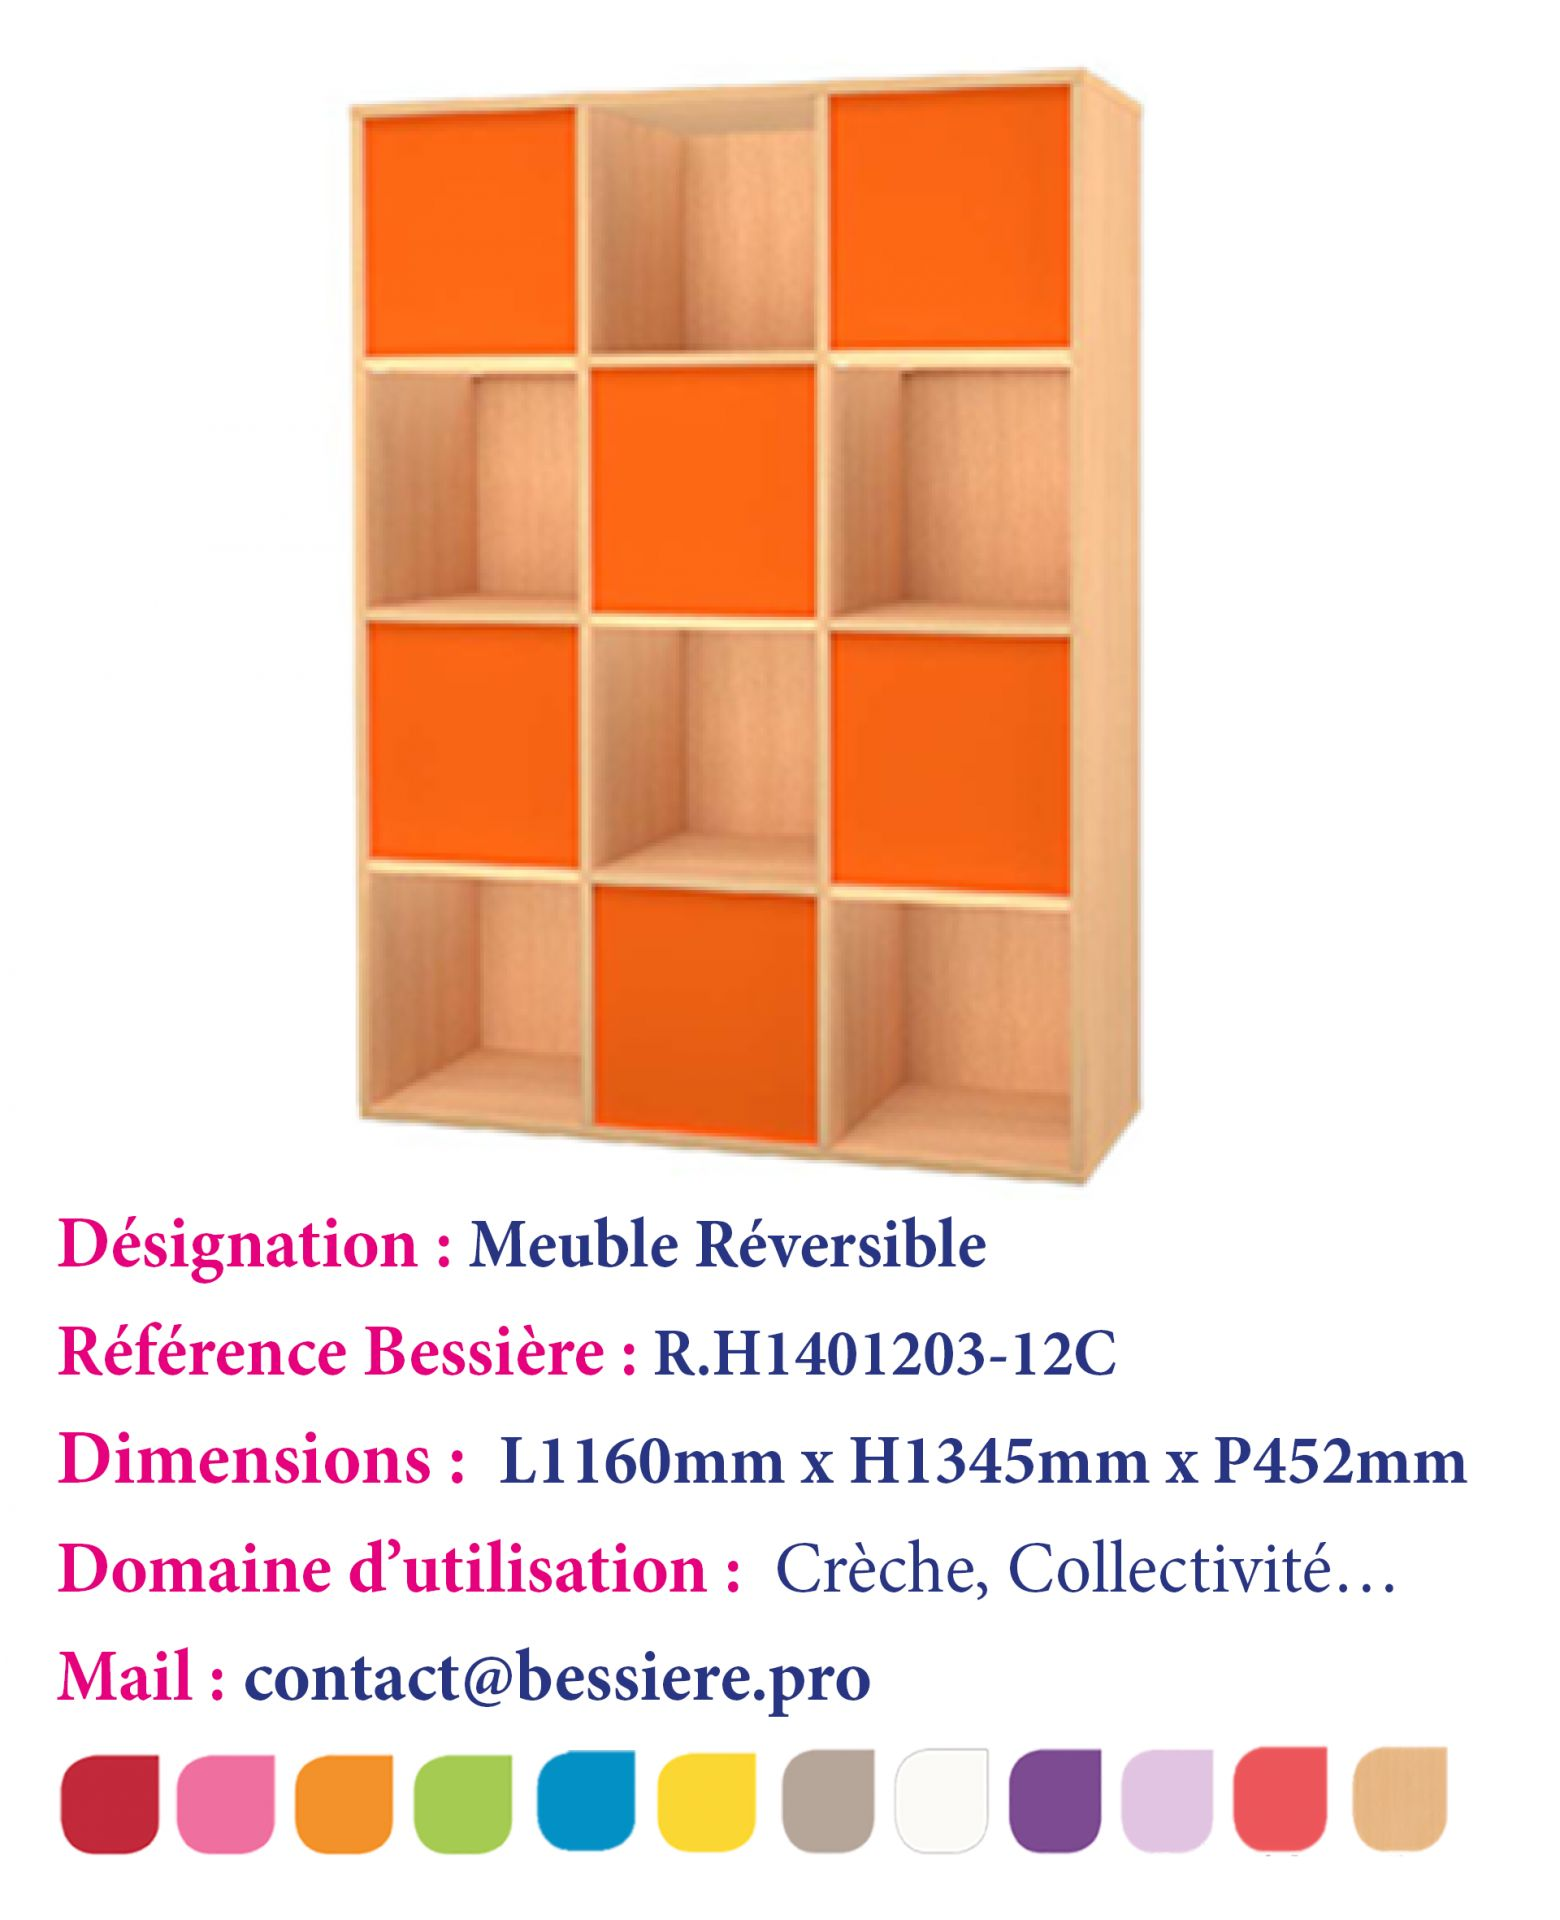 Meuble De Rangement 12 Cases.Meuble De Rangement Avec 12 Cases Reversible